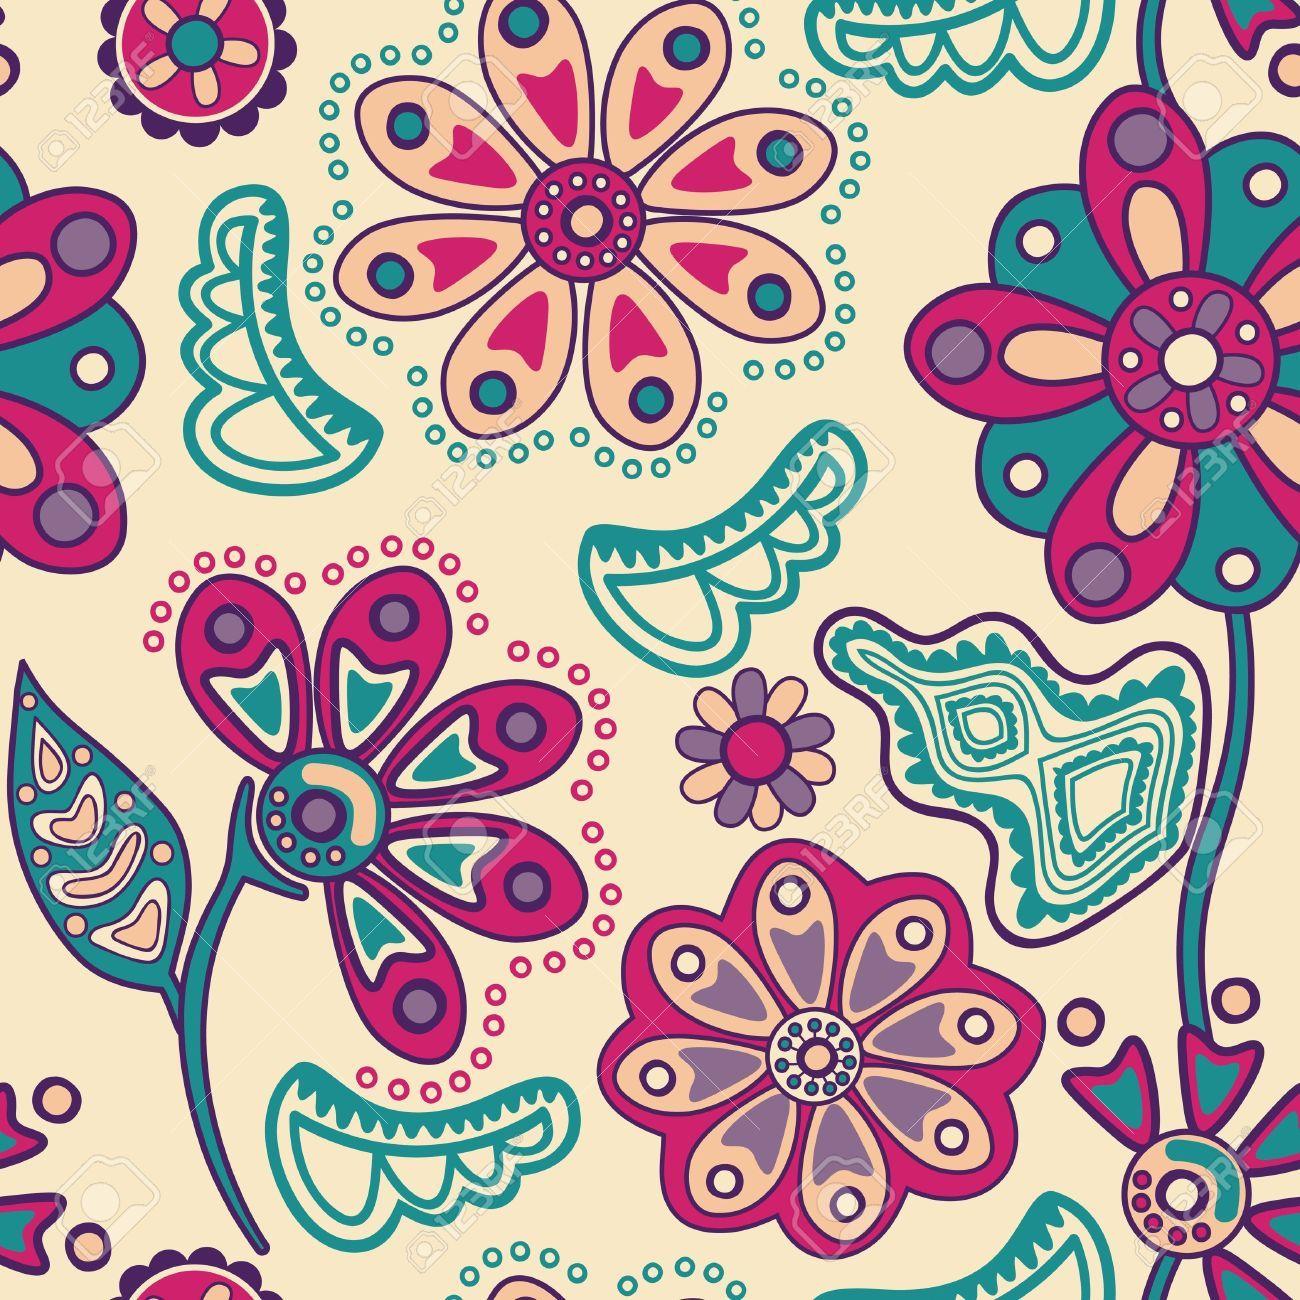 Arcoiris De Flores Abstracto - Buscar Con Google